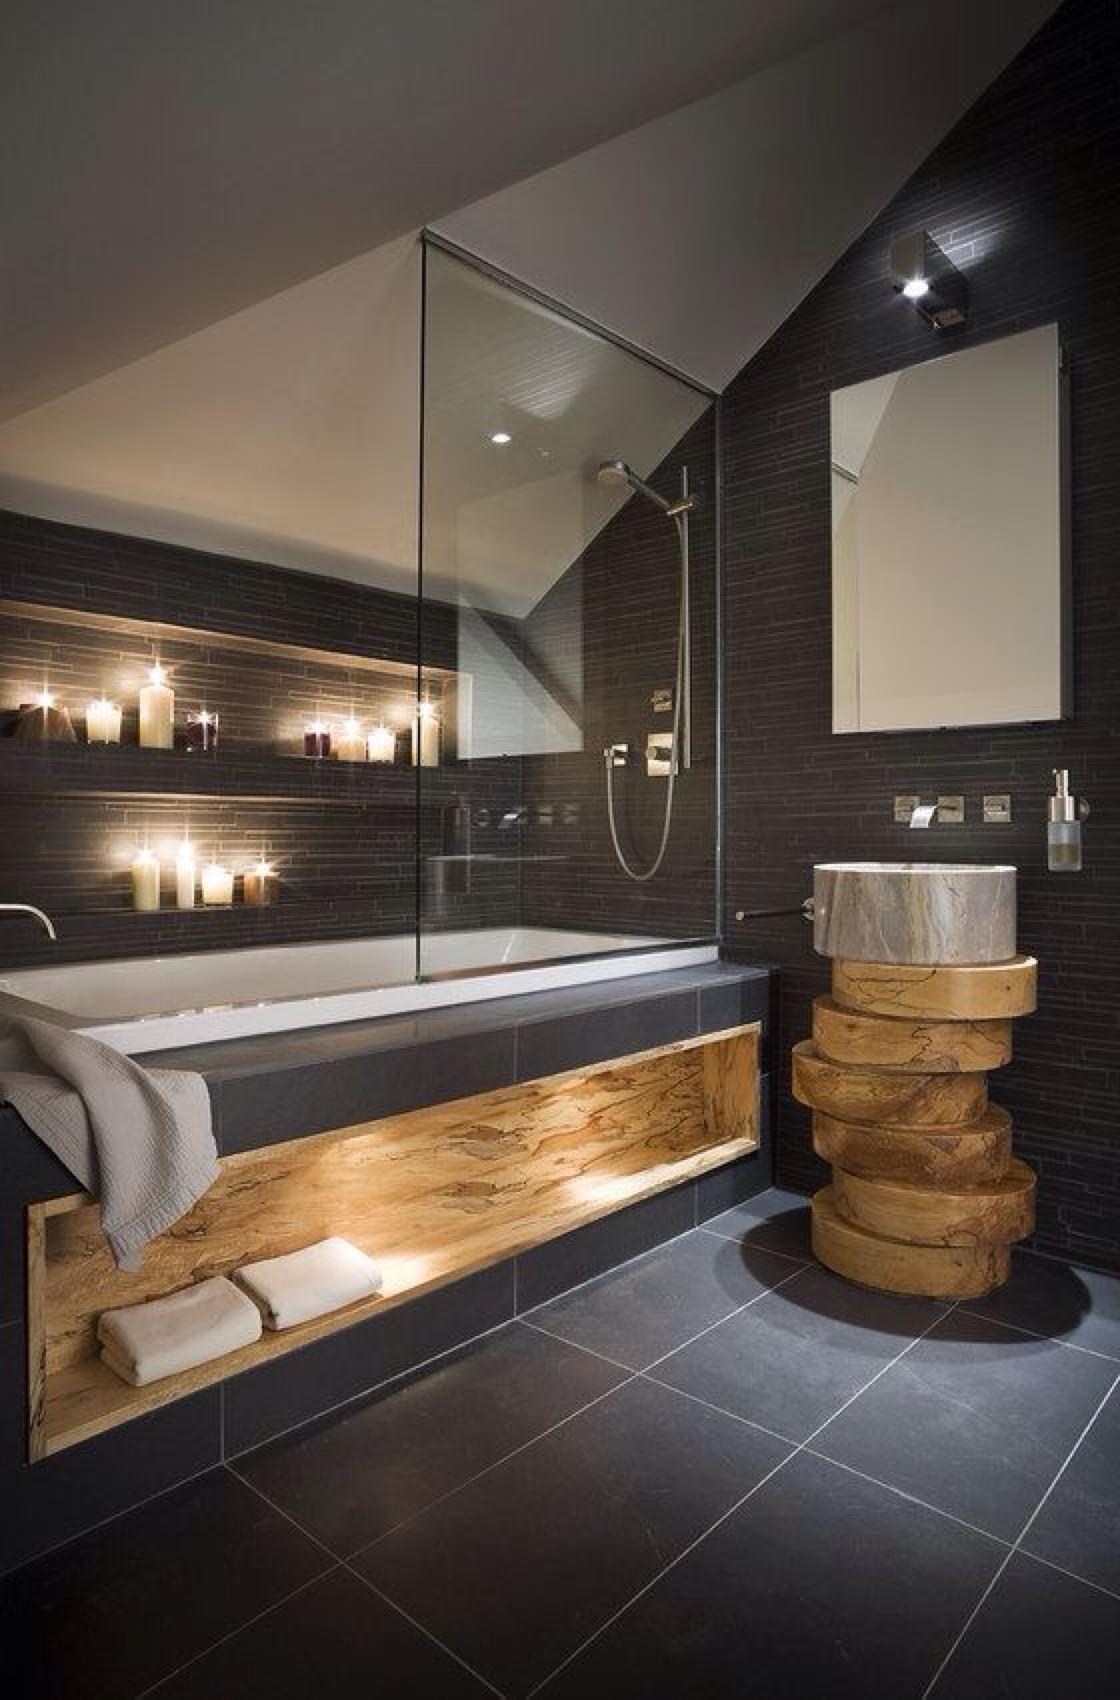 Design Ideas for Bathrooms In Black